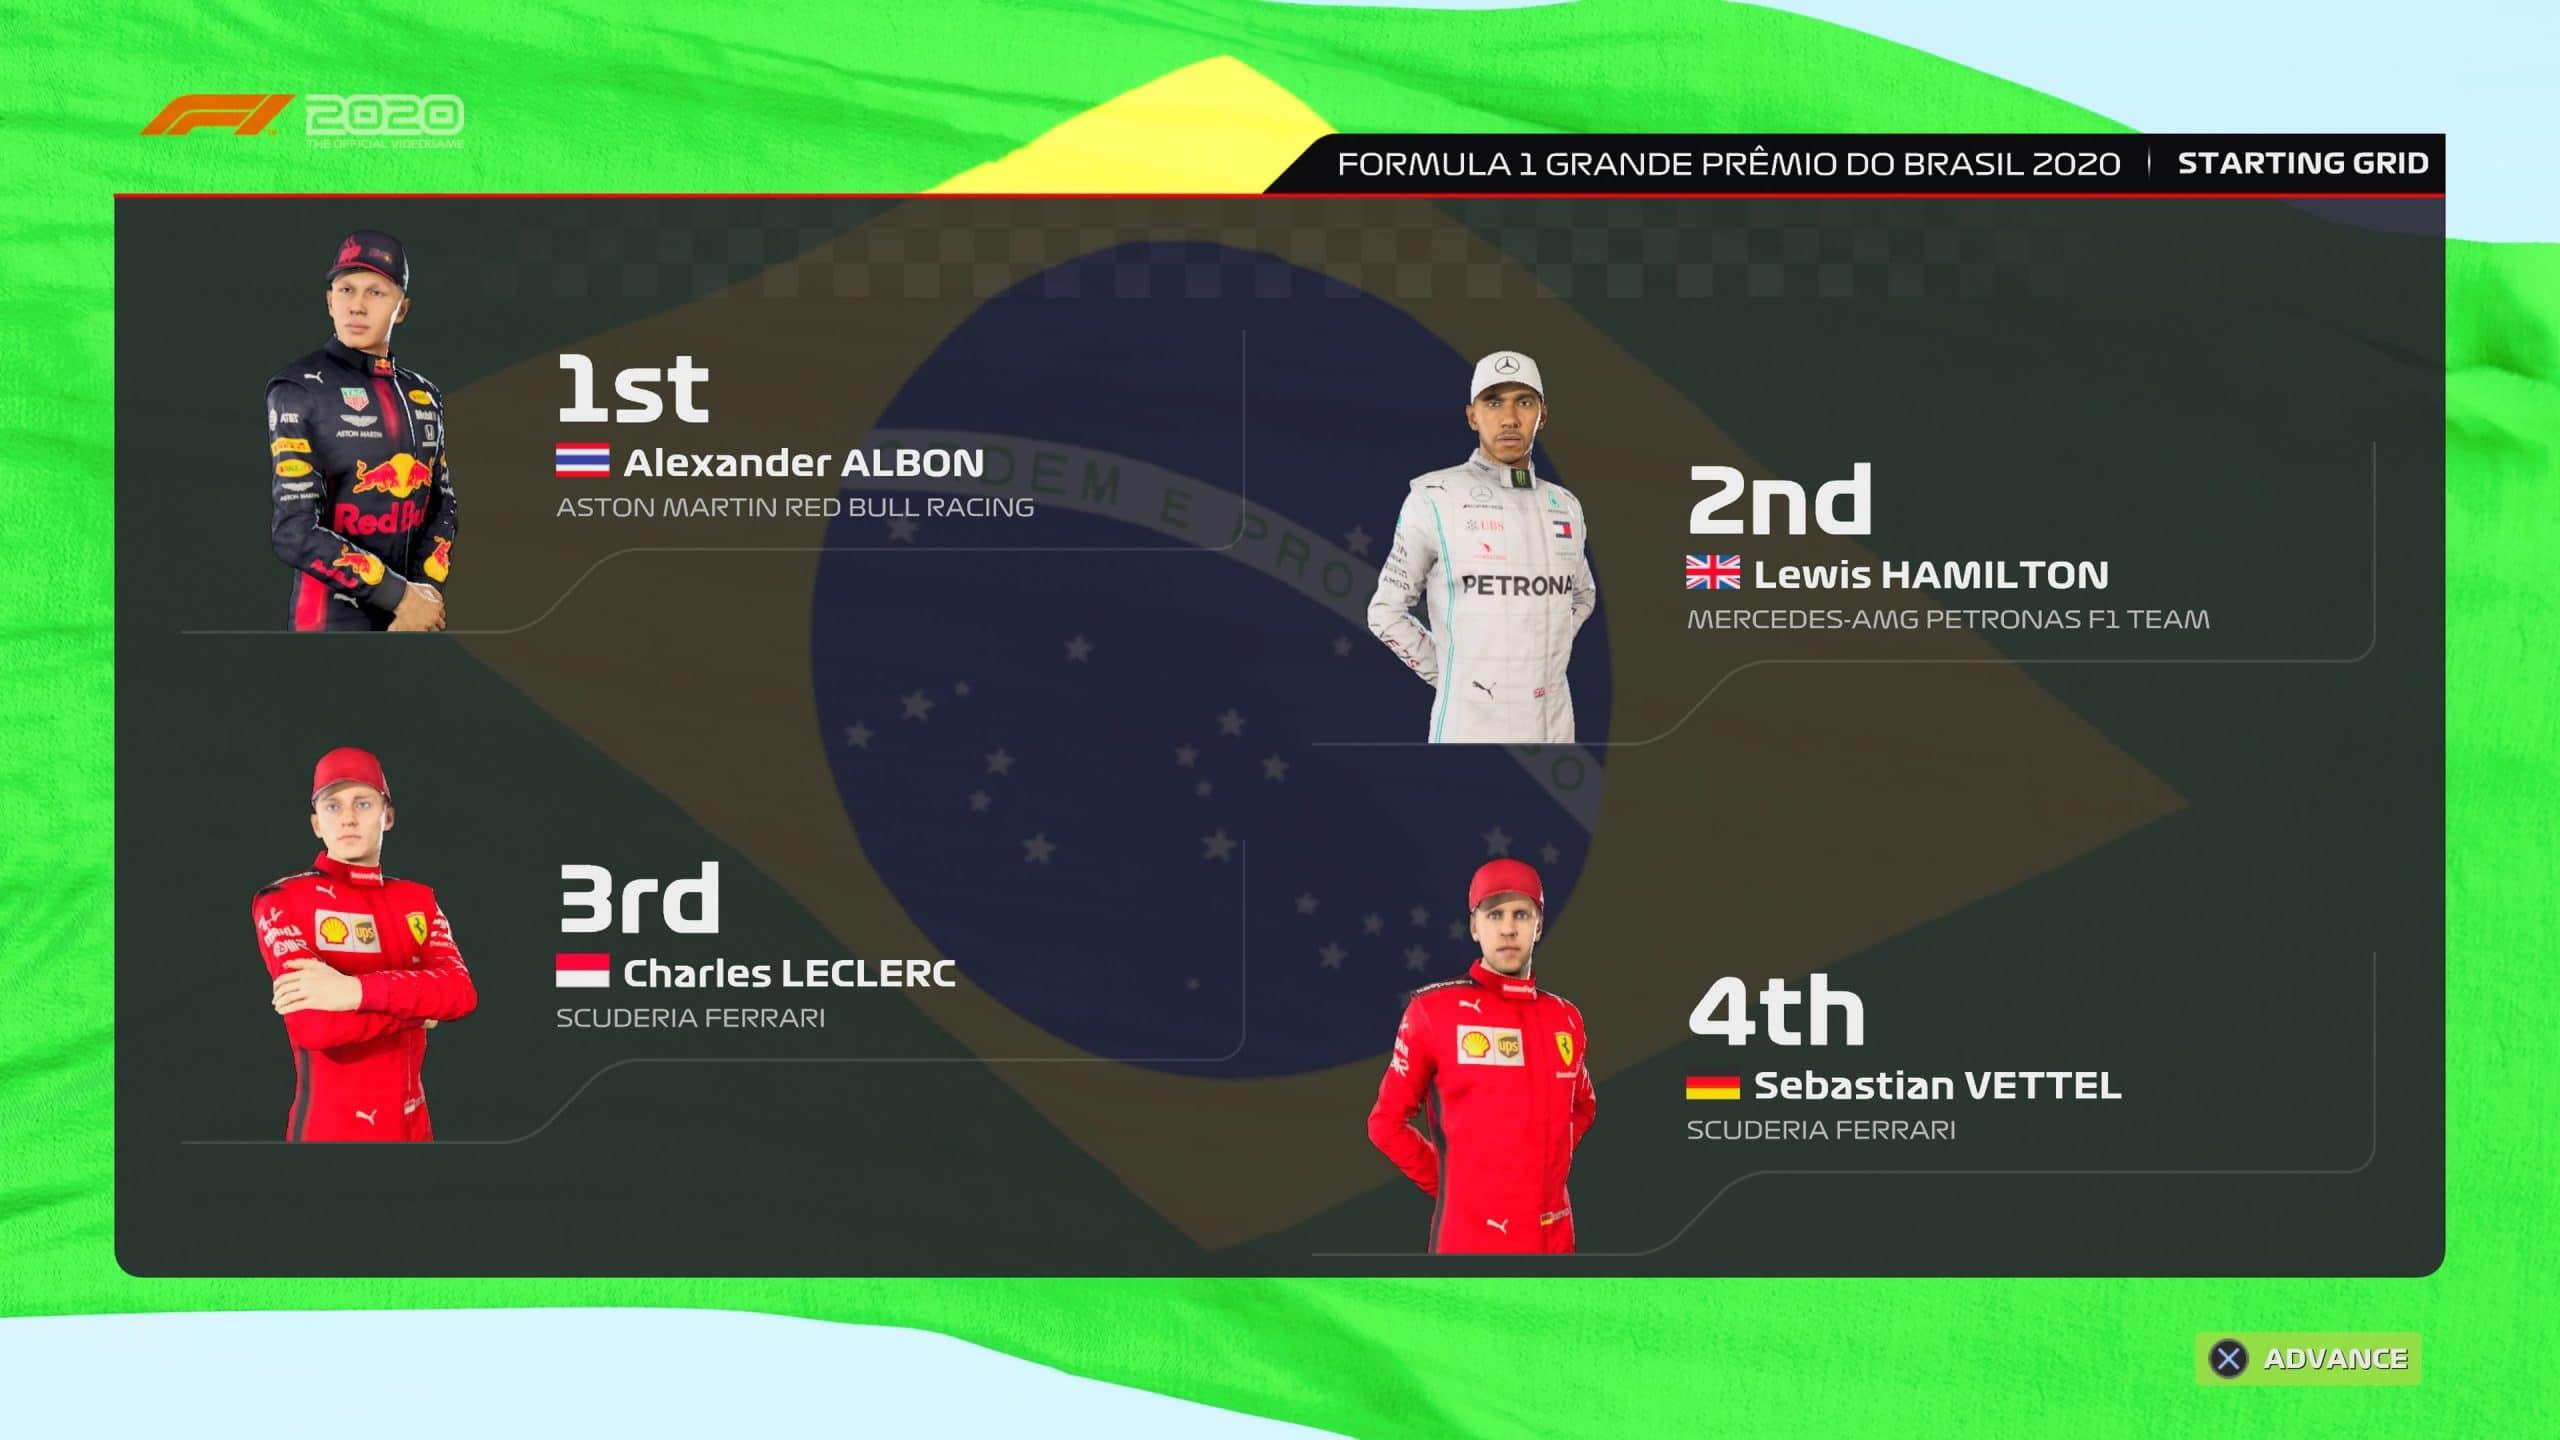 Jogadores podem disputar os GPs da atual temporada (Foto: Reprodução/Thiago Barros)